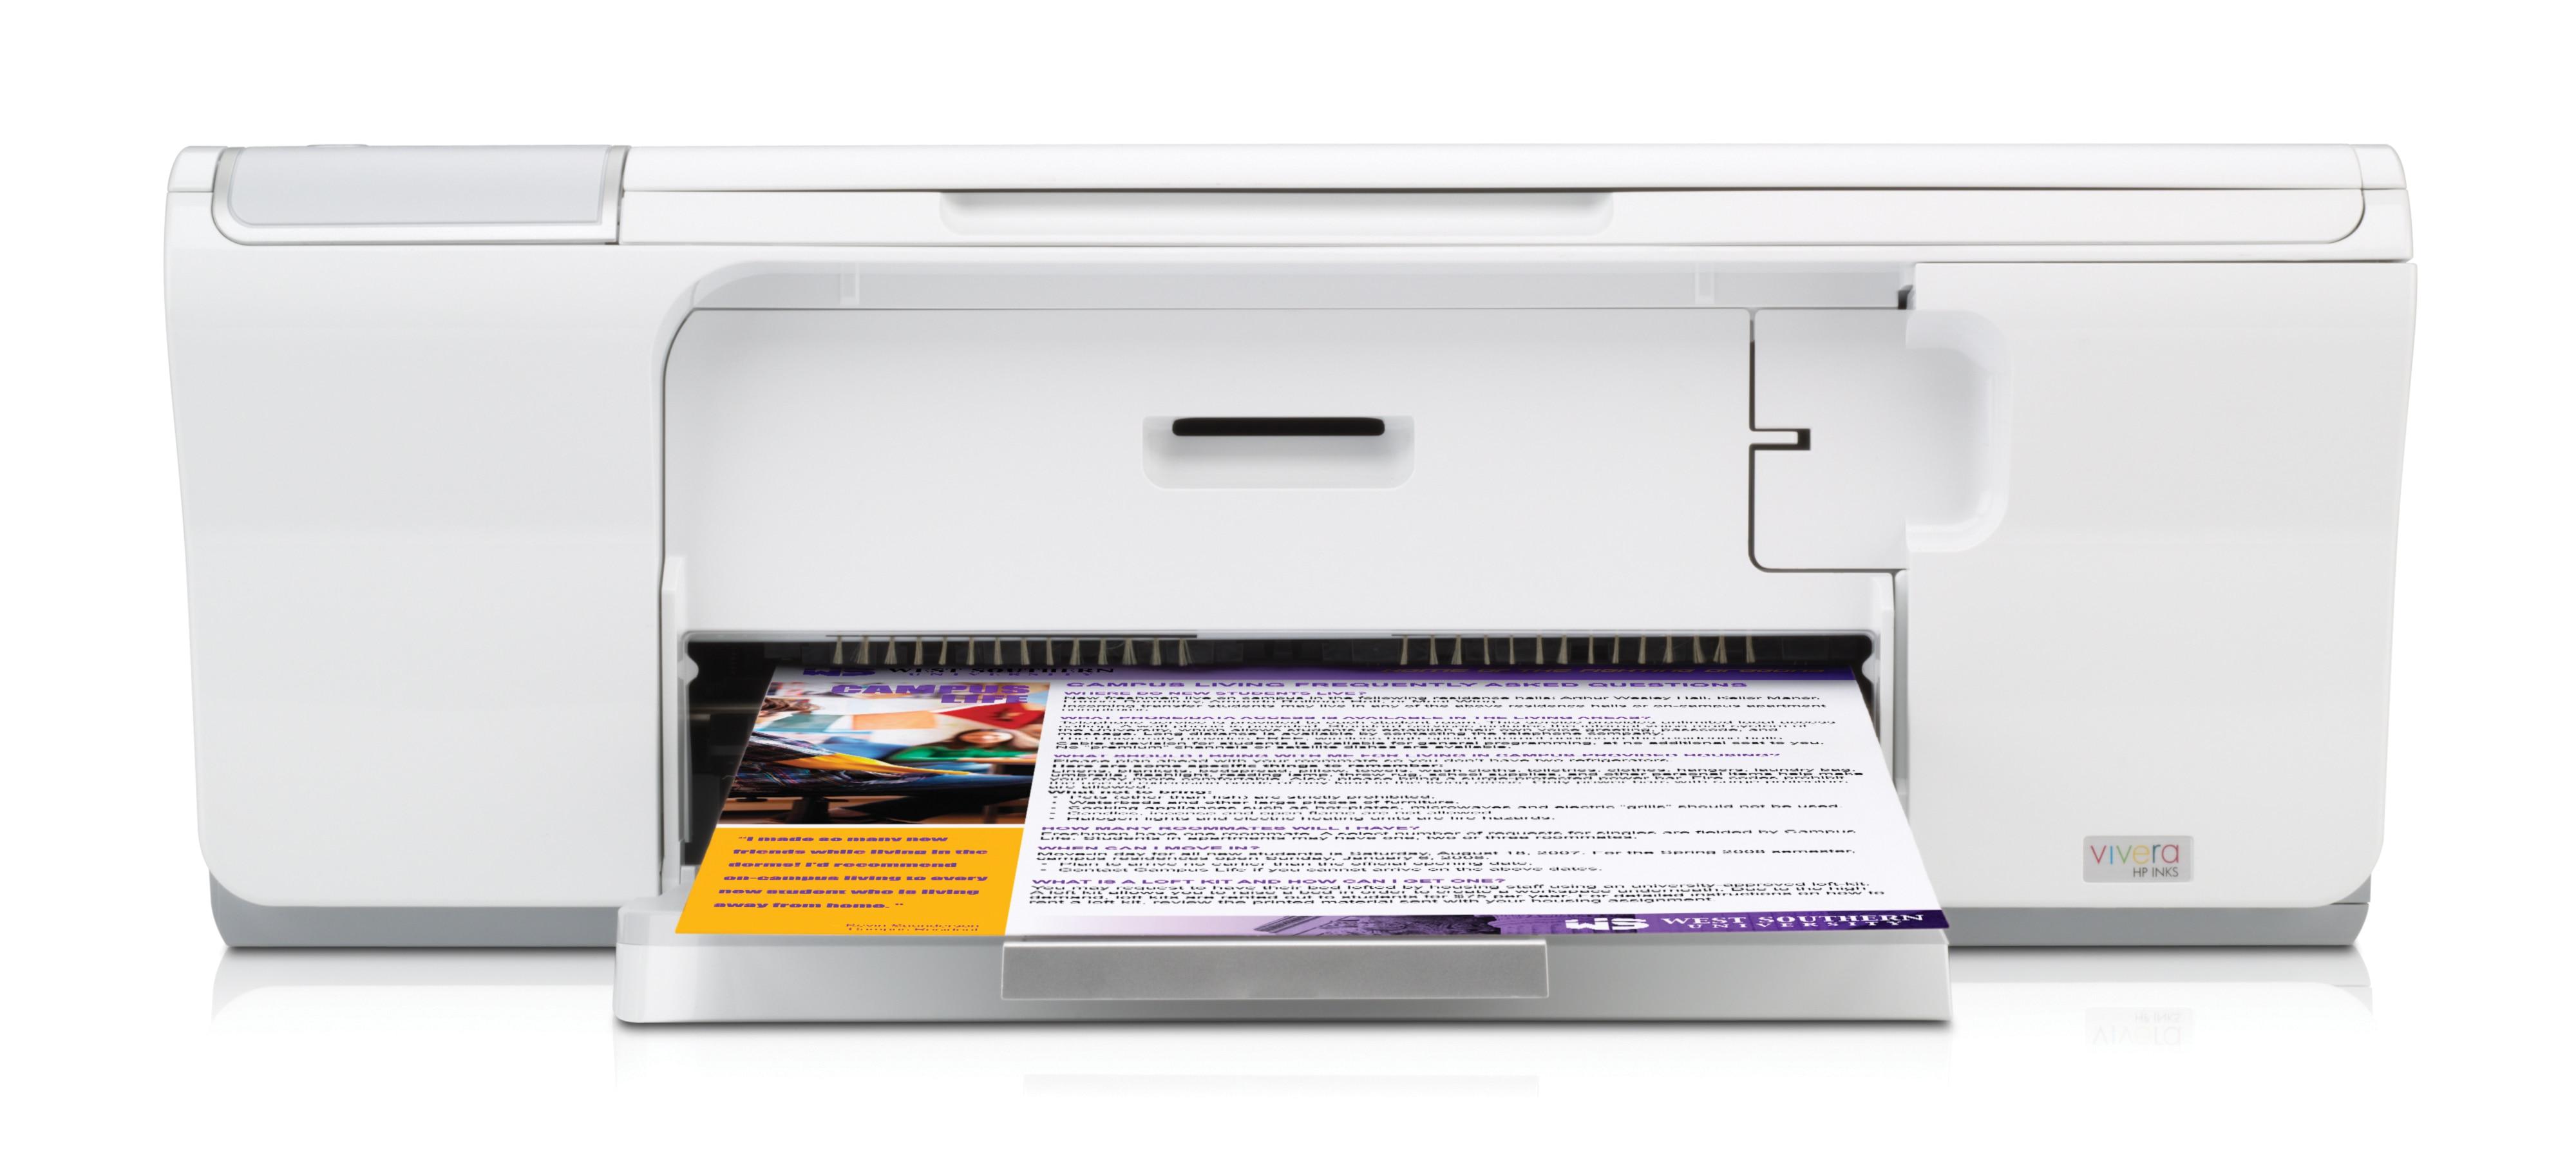 скачать драйвер принтери hp deskjet f4283